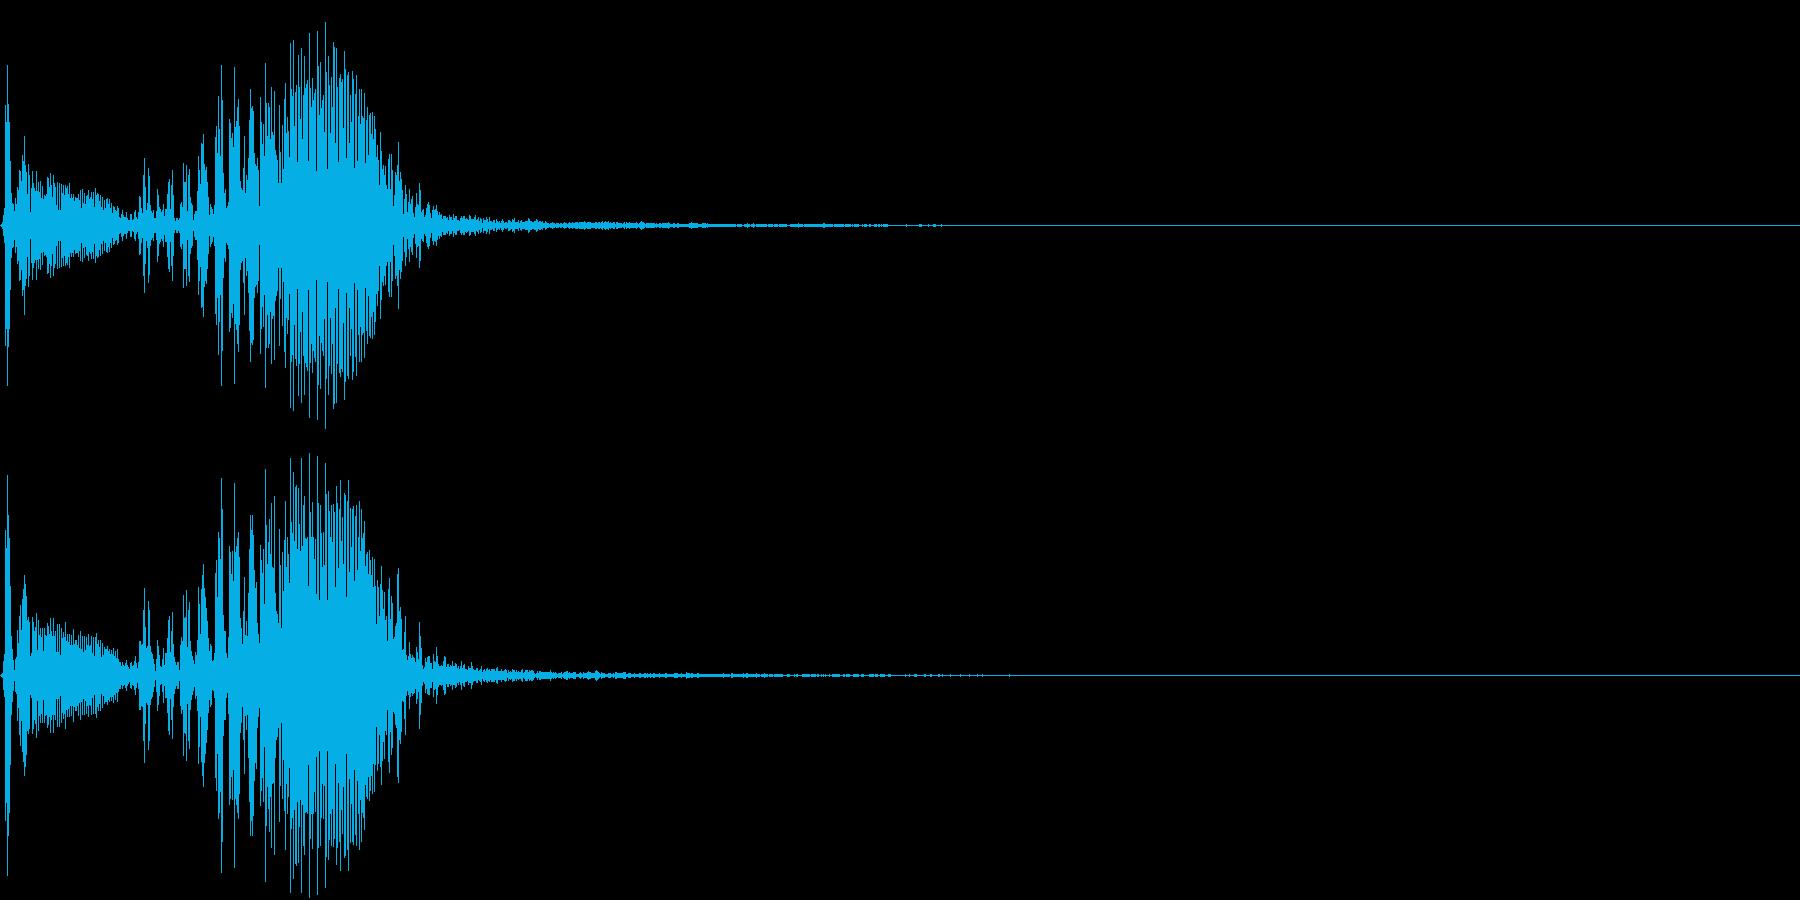 【生録音】フラミンゴの鳴き声 9の再生済みの波形